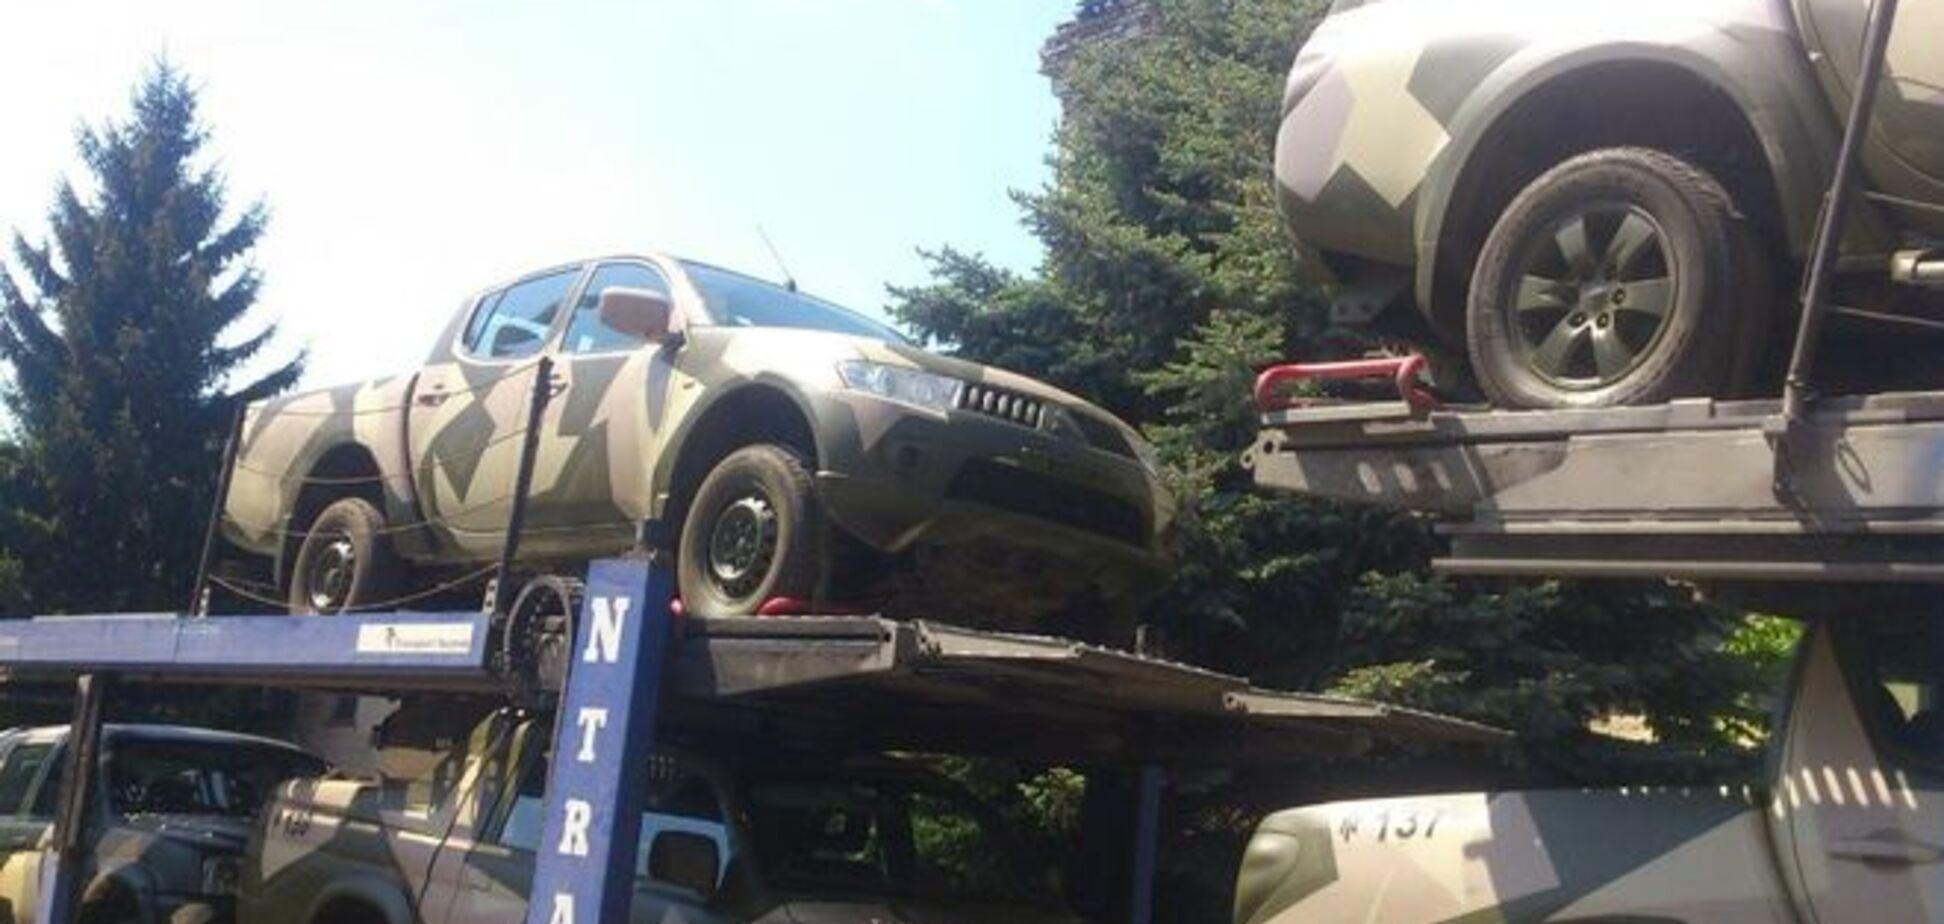 Бойцам АТО отправили новую партию боевых пикапов: фото машин